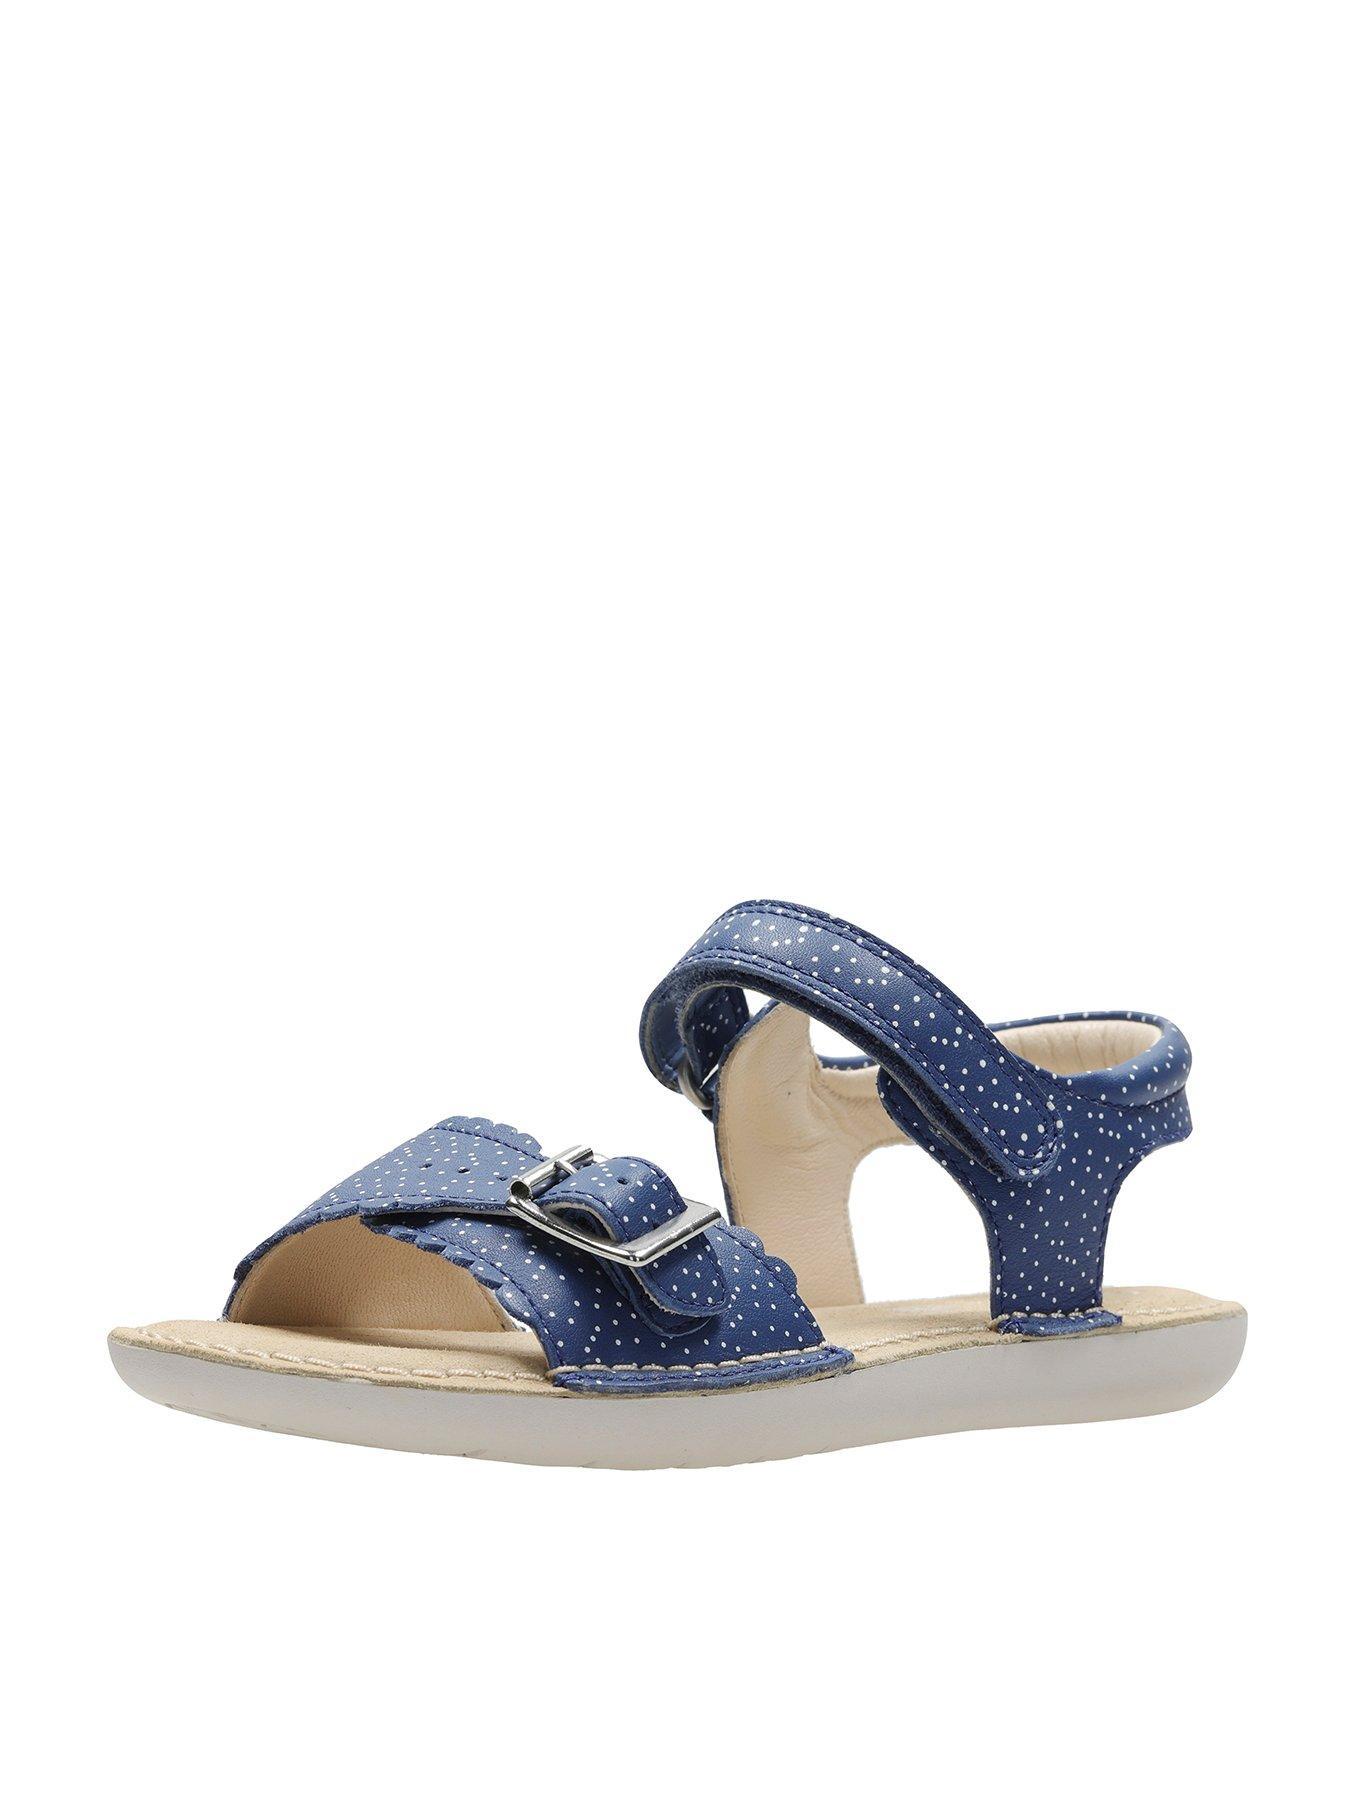 clarks baby sandals uk